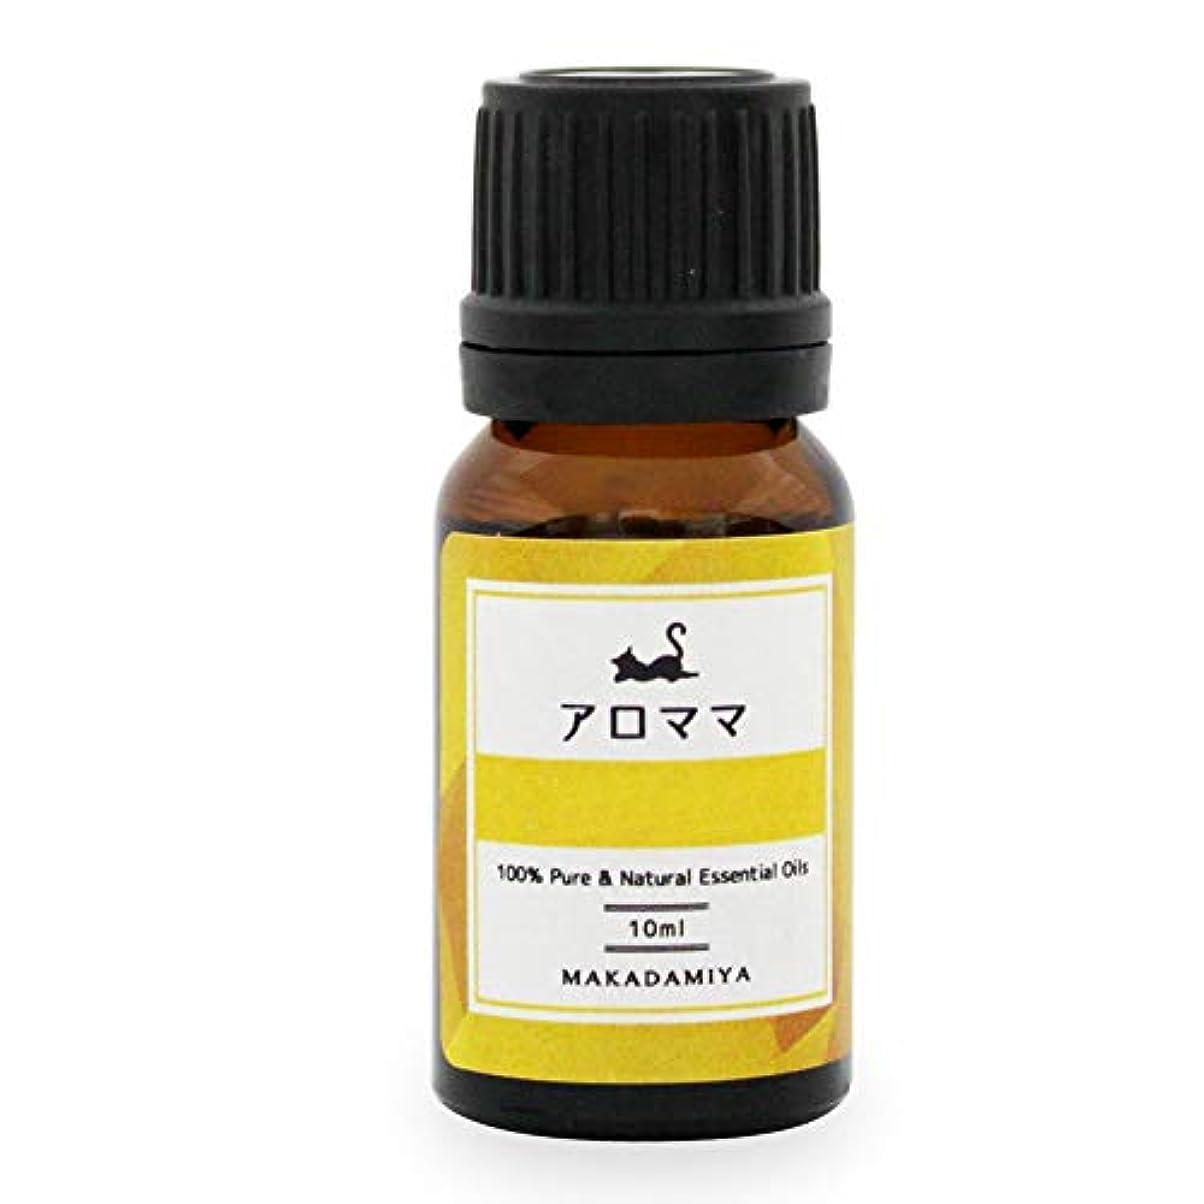 クリアブート補助金妊活用アロマ10ml 妊活中の女性の為に特別な香りで癒す。 アロママ